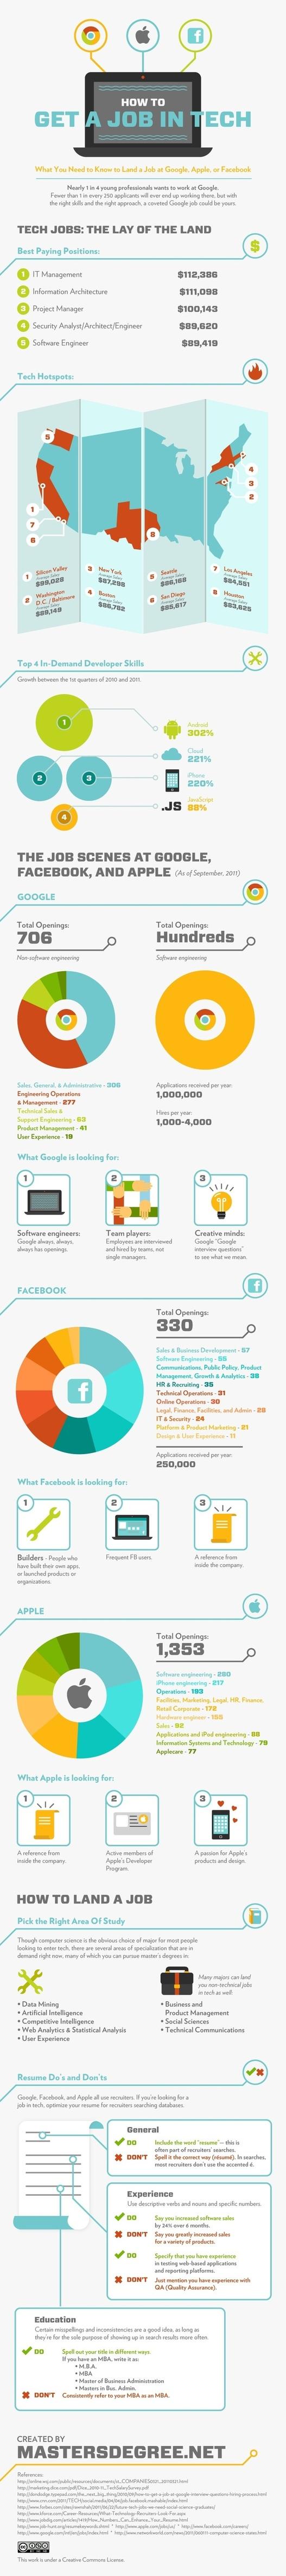 Travailler chez Google, Apple ou Facebook en 1 image